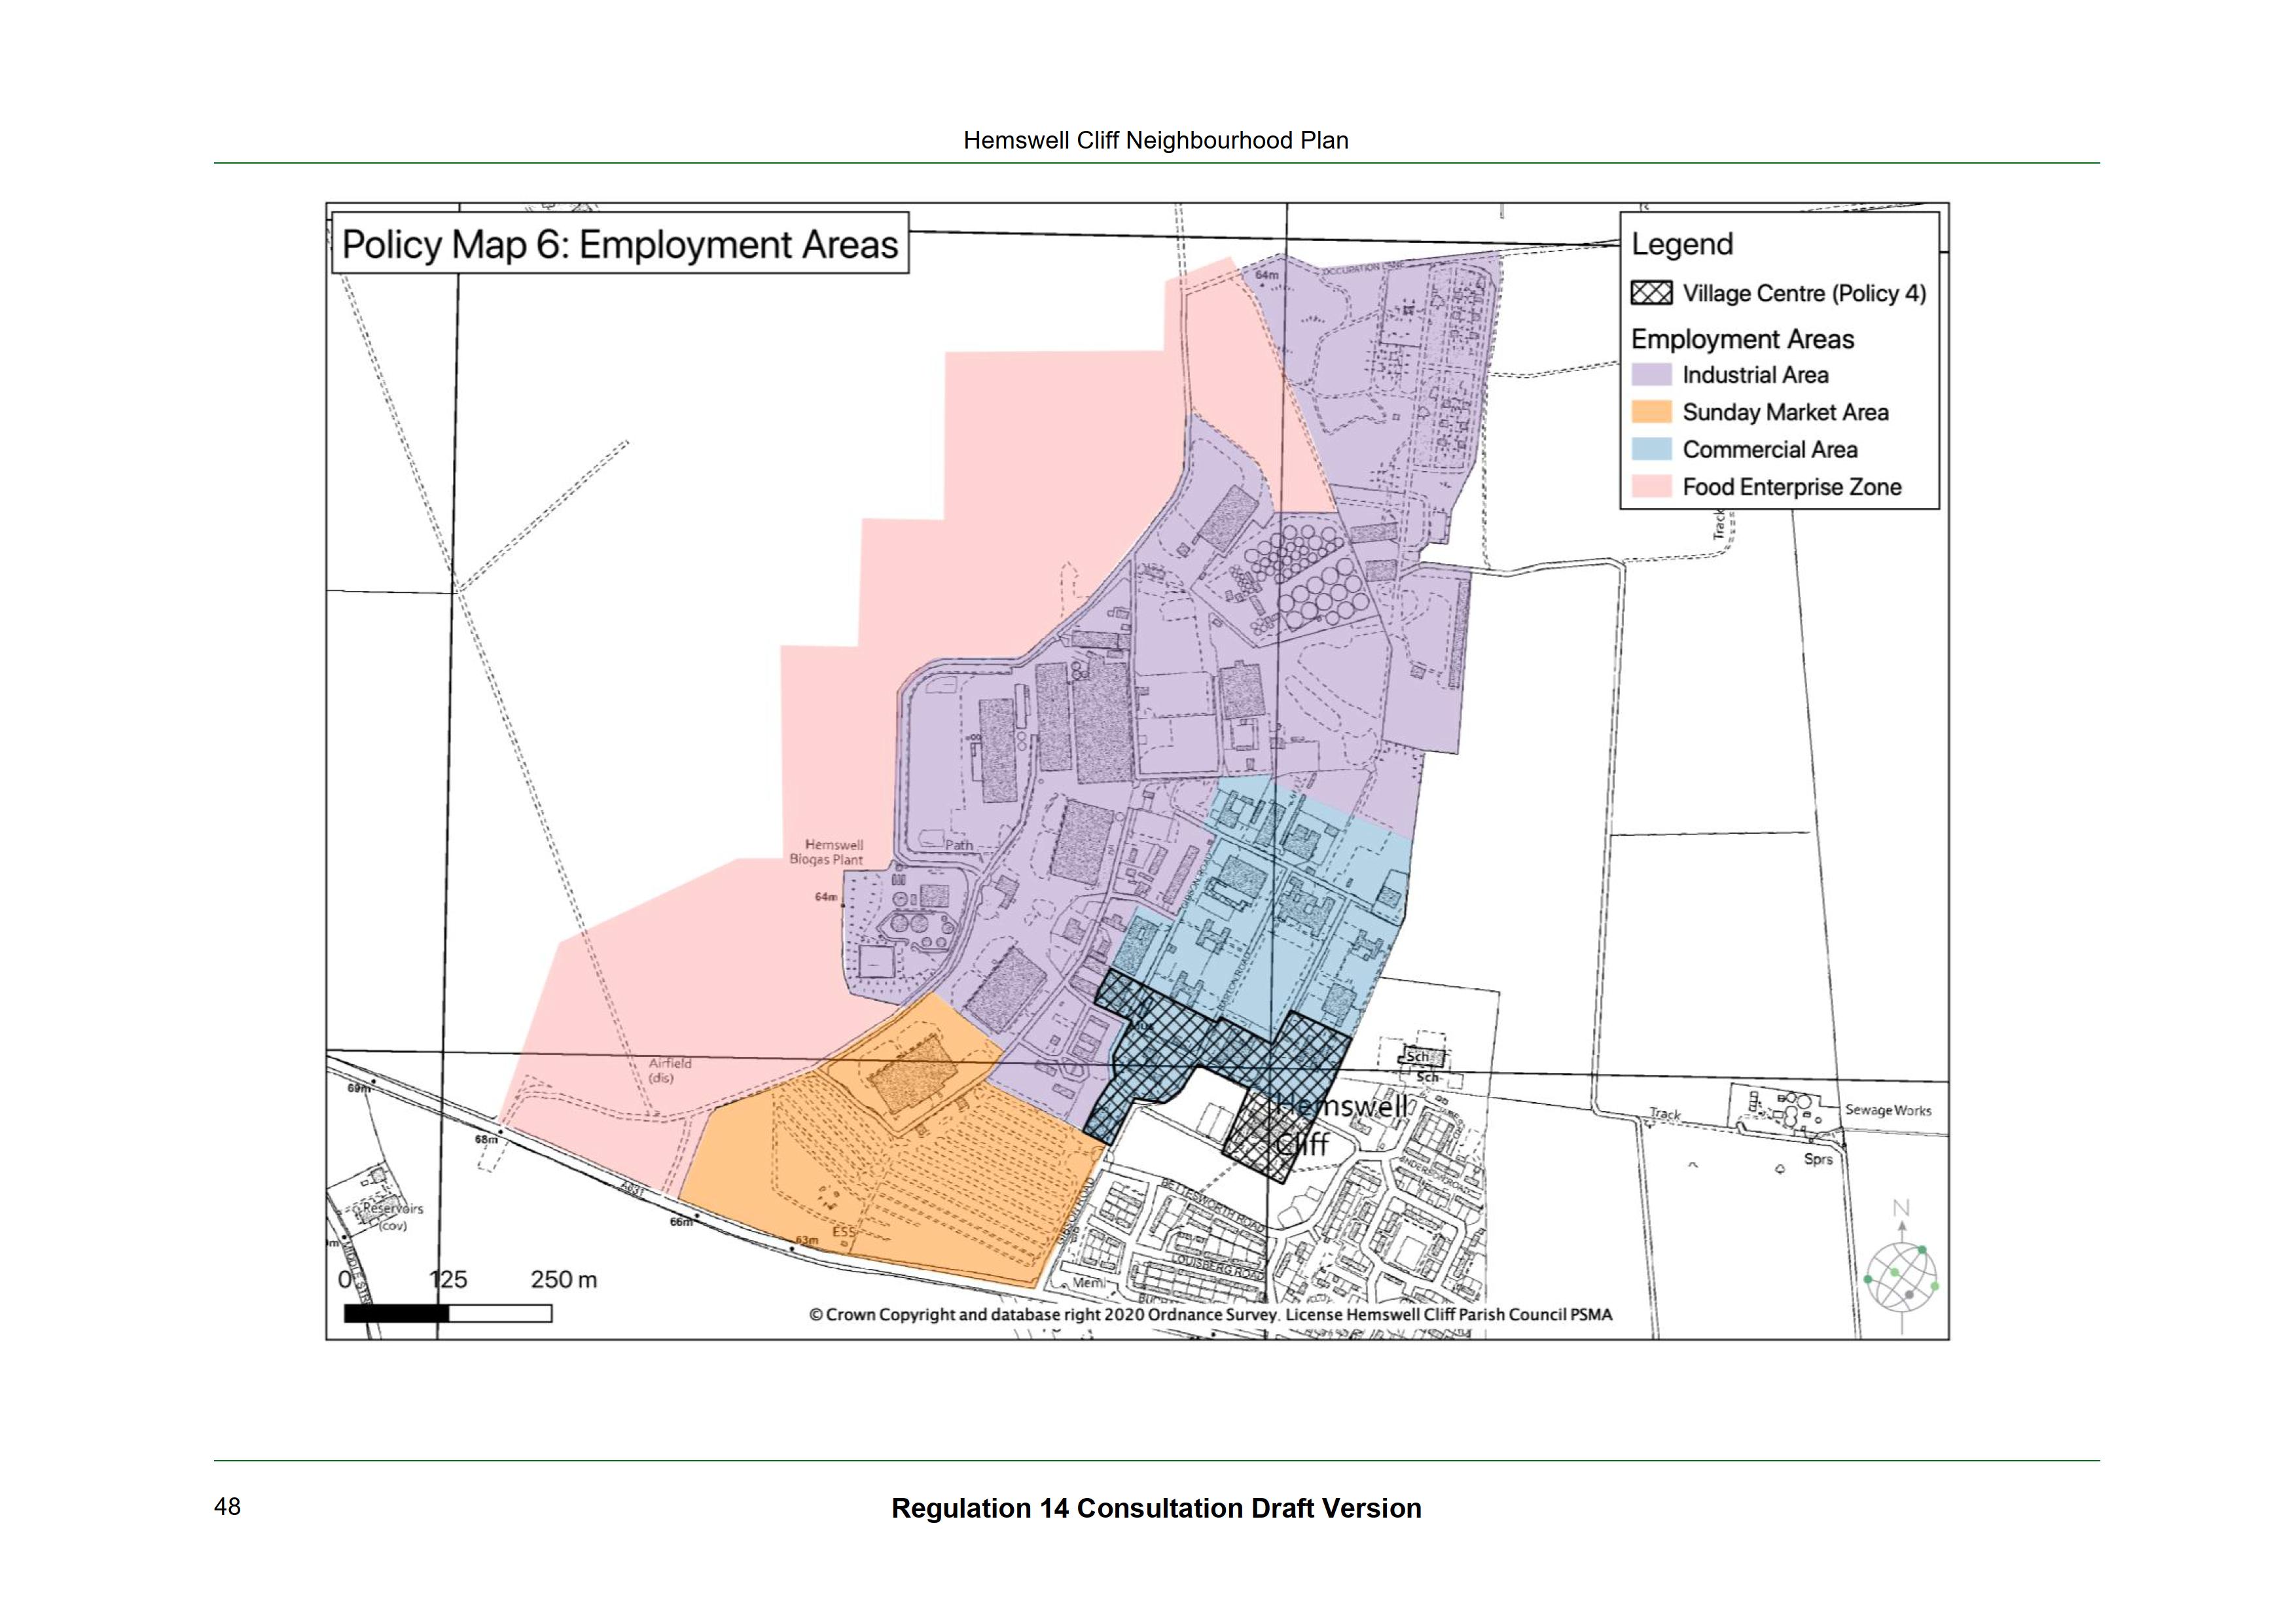 Hemswell_Cliff_R14_Draft_Neighbourhood_Plan_48.png